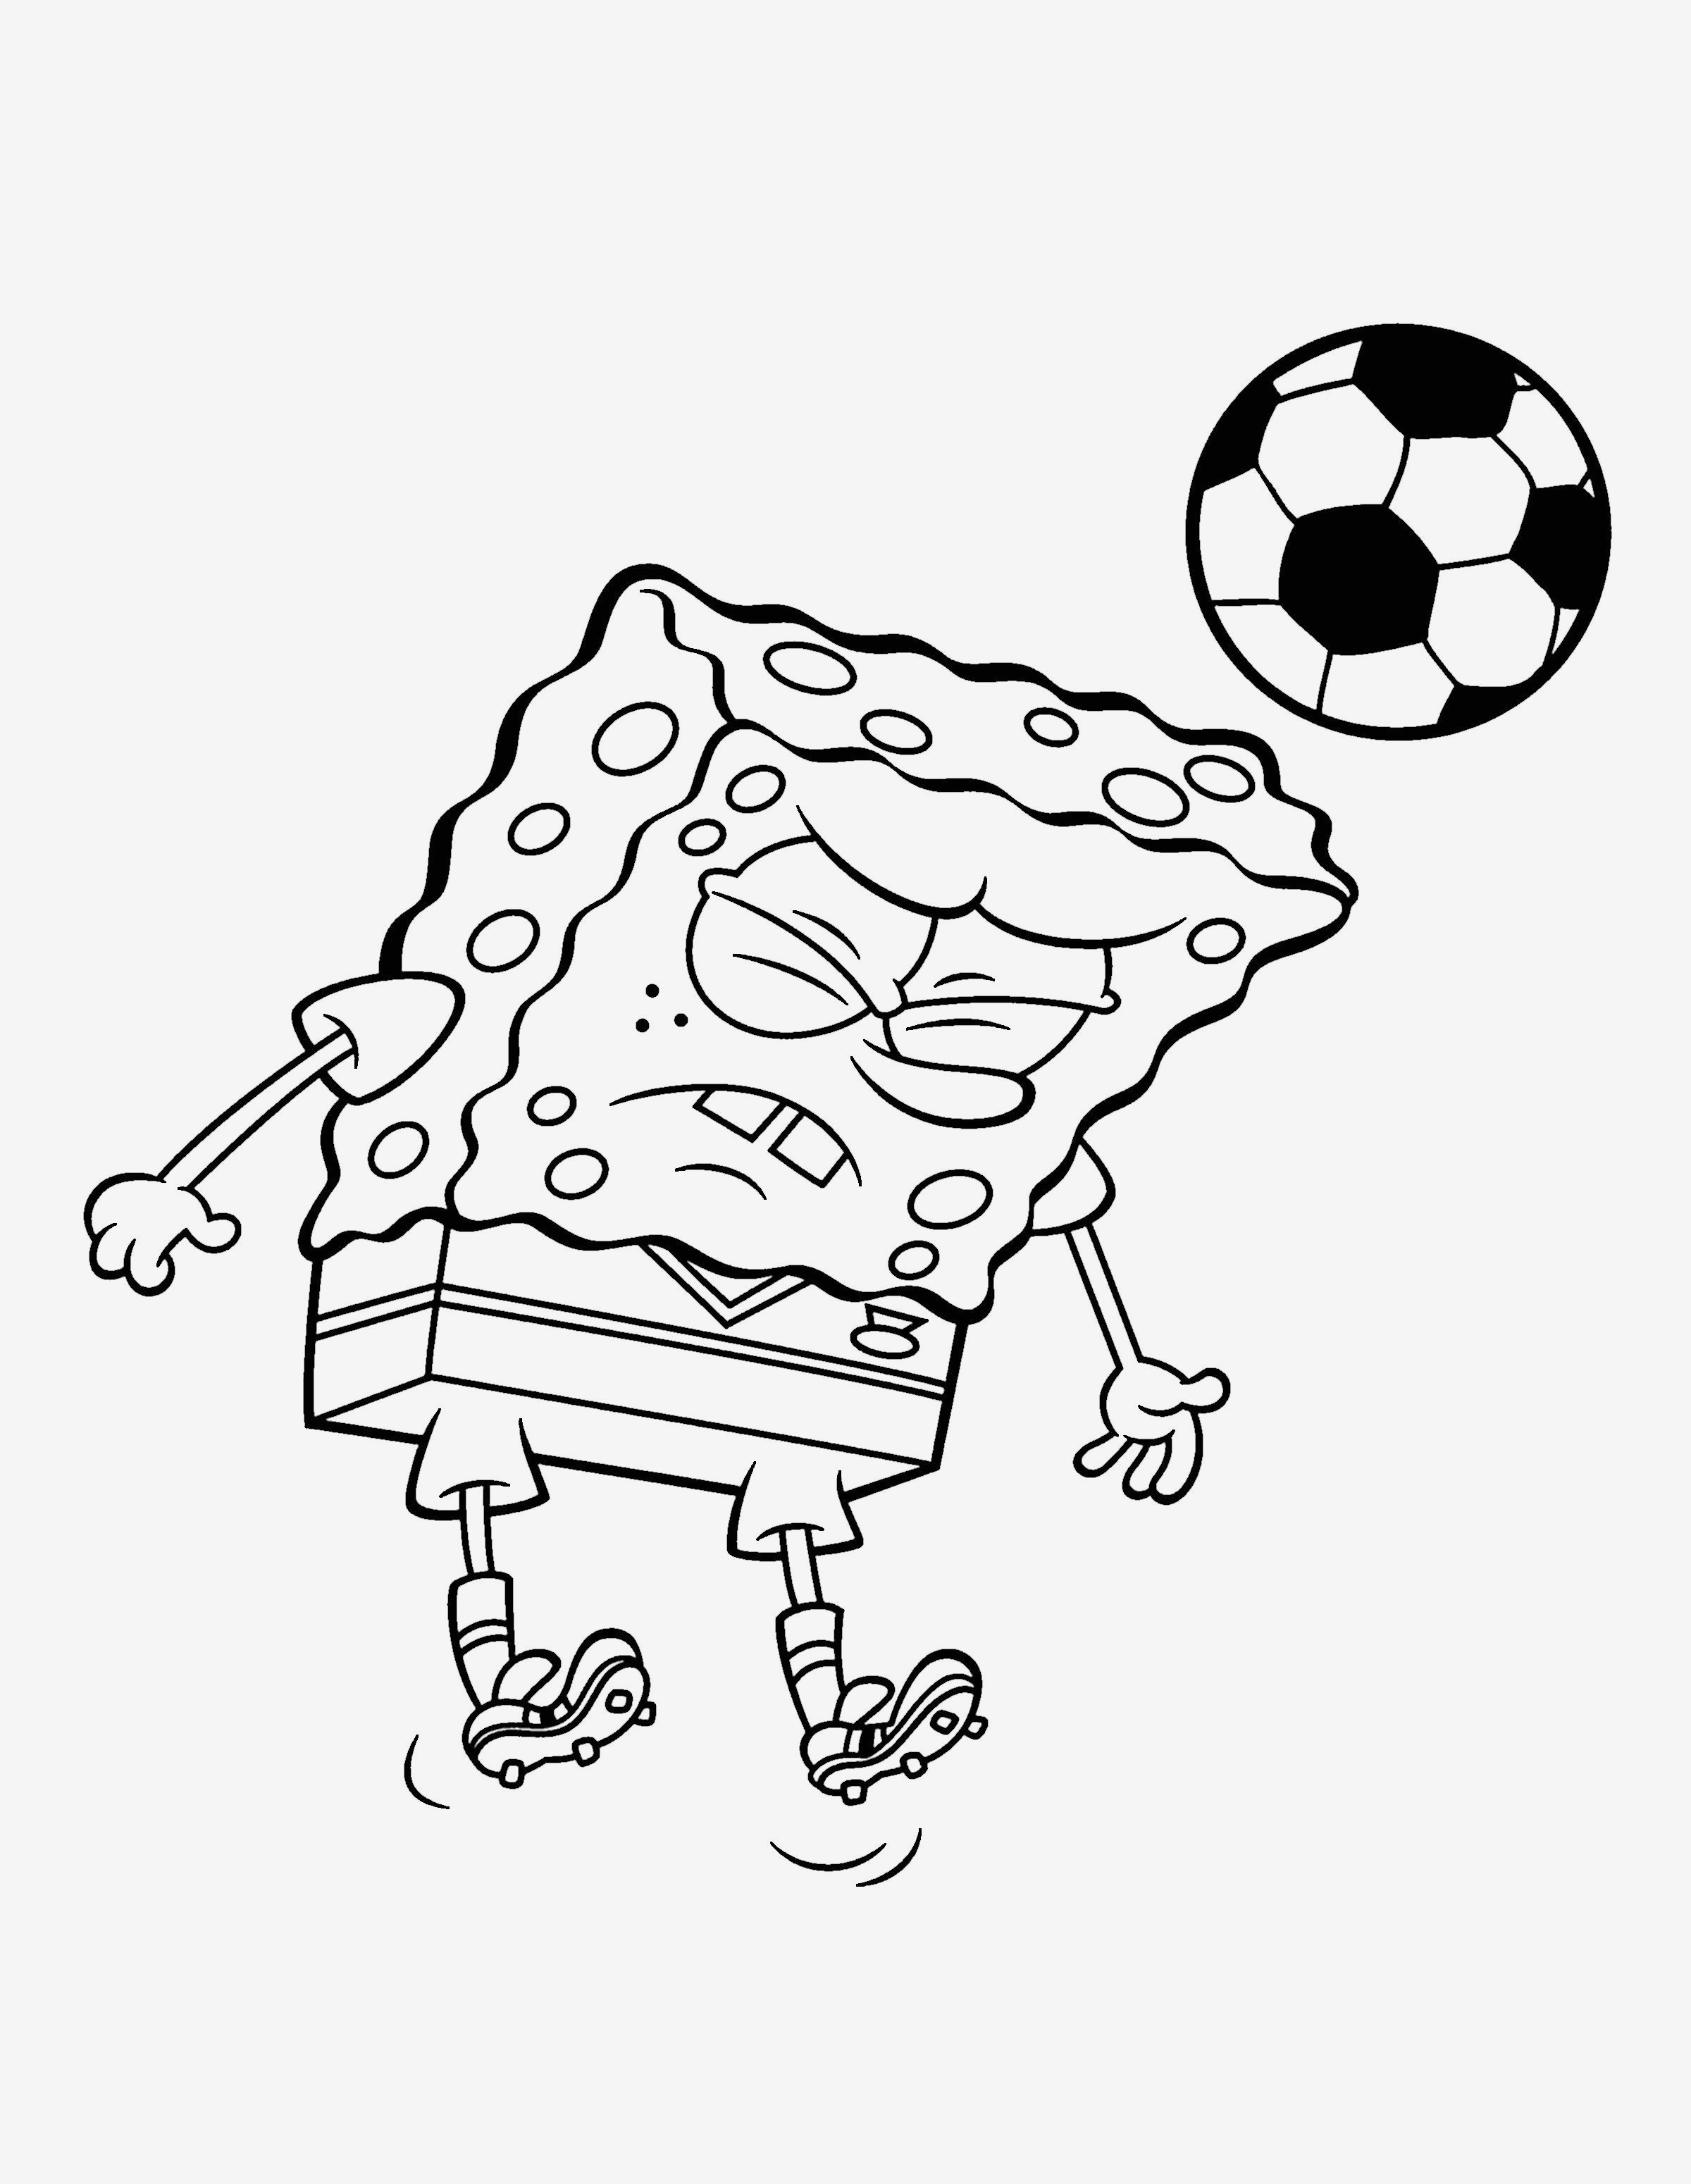 Spongebob Bilder Zum Ausmalen Das Beste Von Kinder Malvorlagen Verschiedene Bilder Färben Spongebob Ausmalbilder Fotos